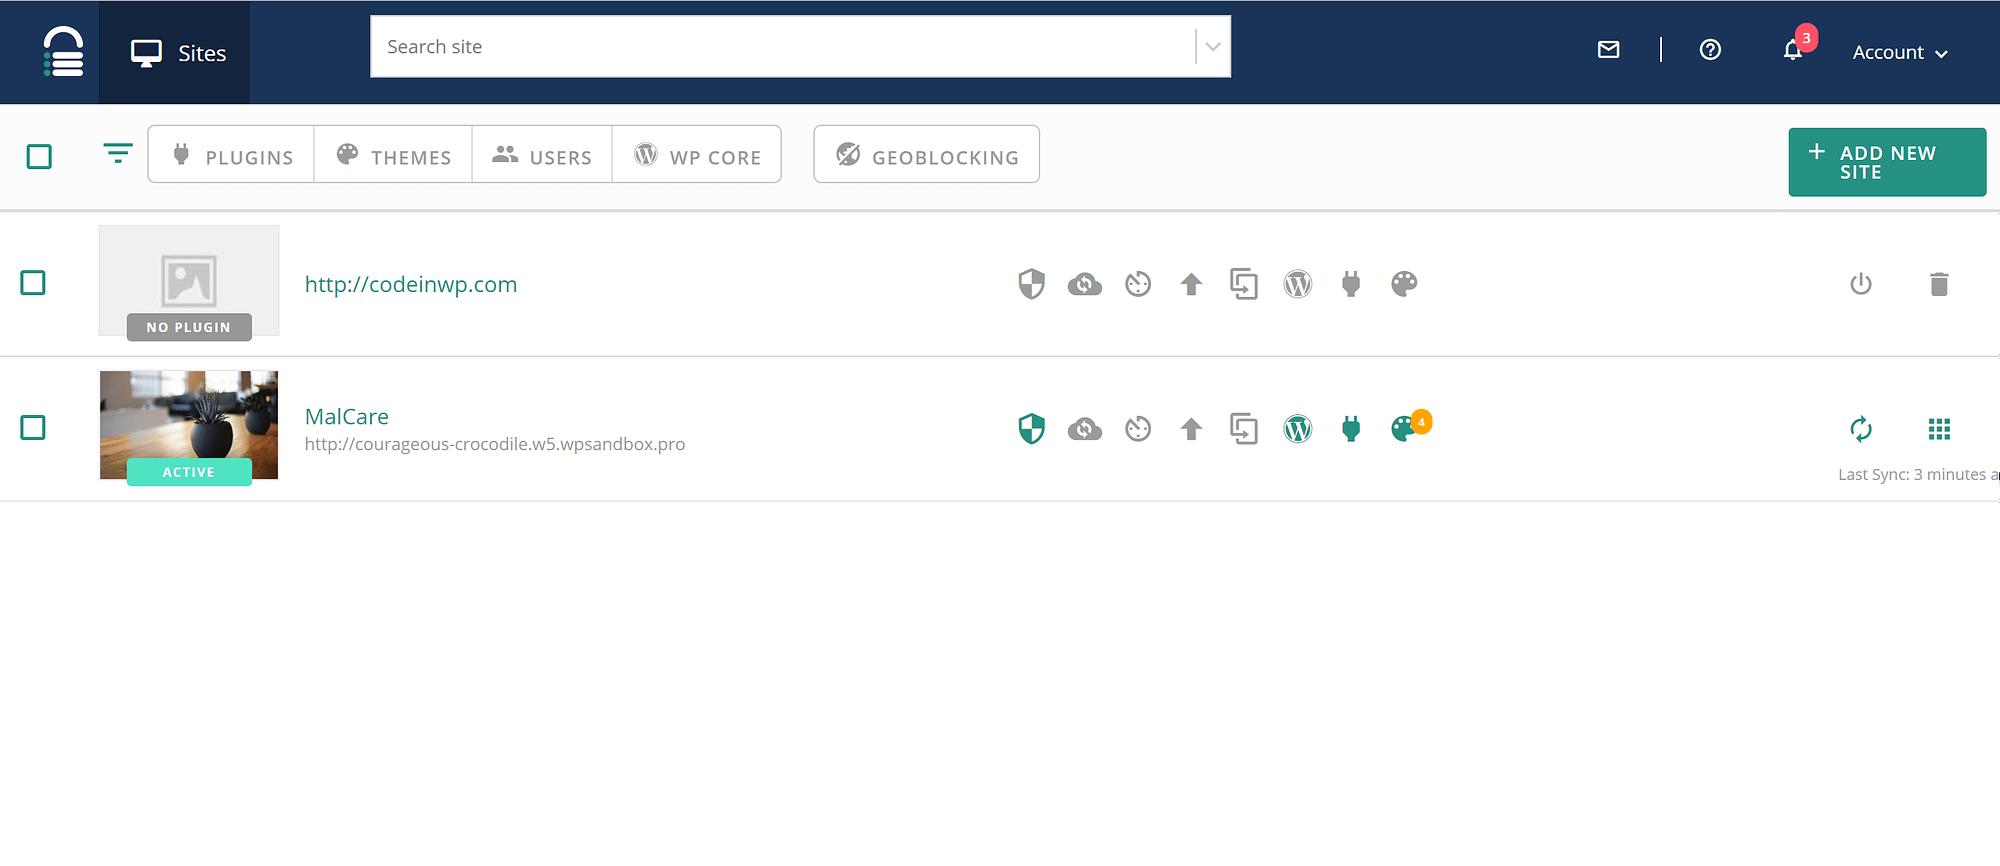 MalCare multiple websites